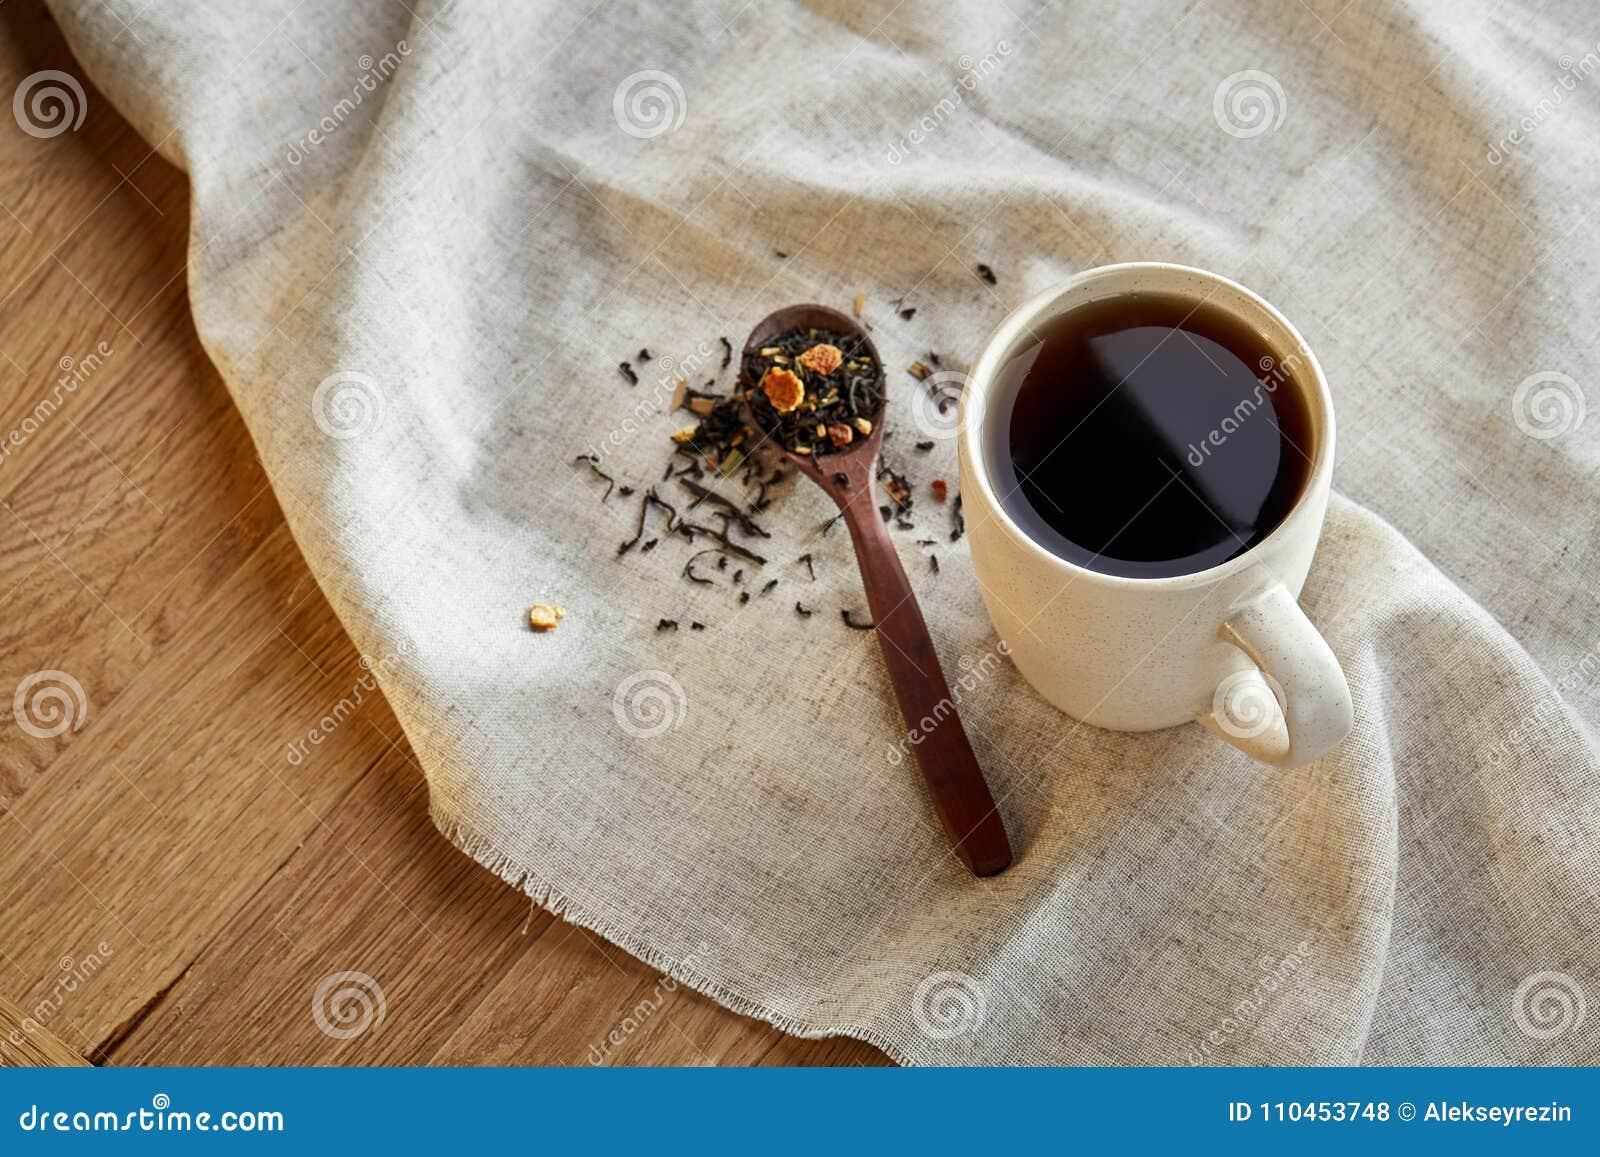 Keramisk kopp te med spridda teblad på en servett på lantlig träbakgrund, selektiv fokus